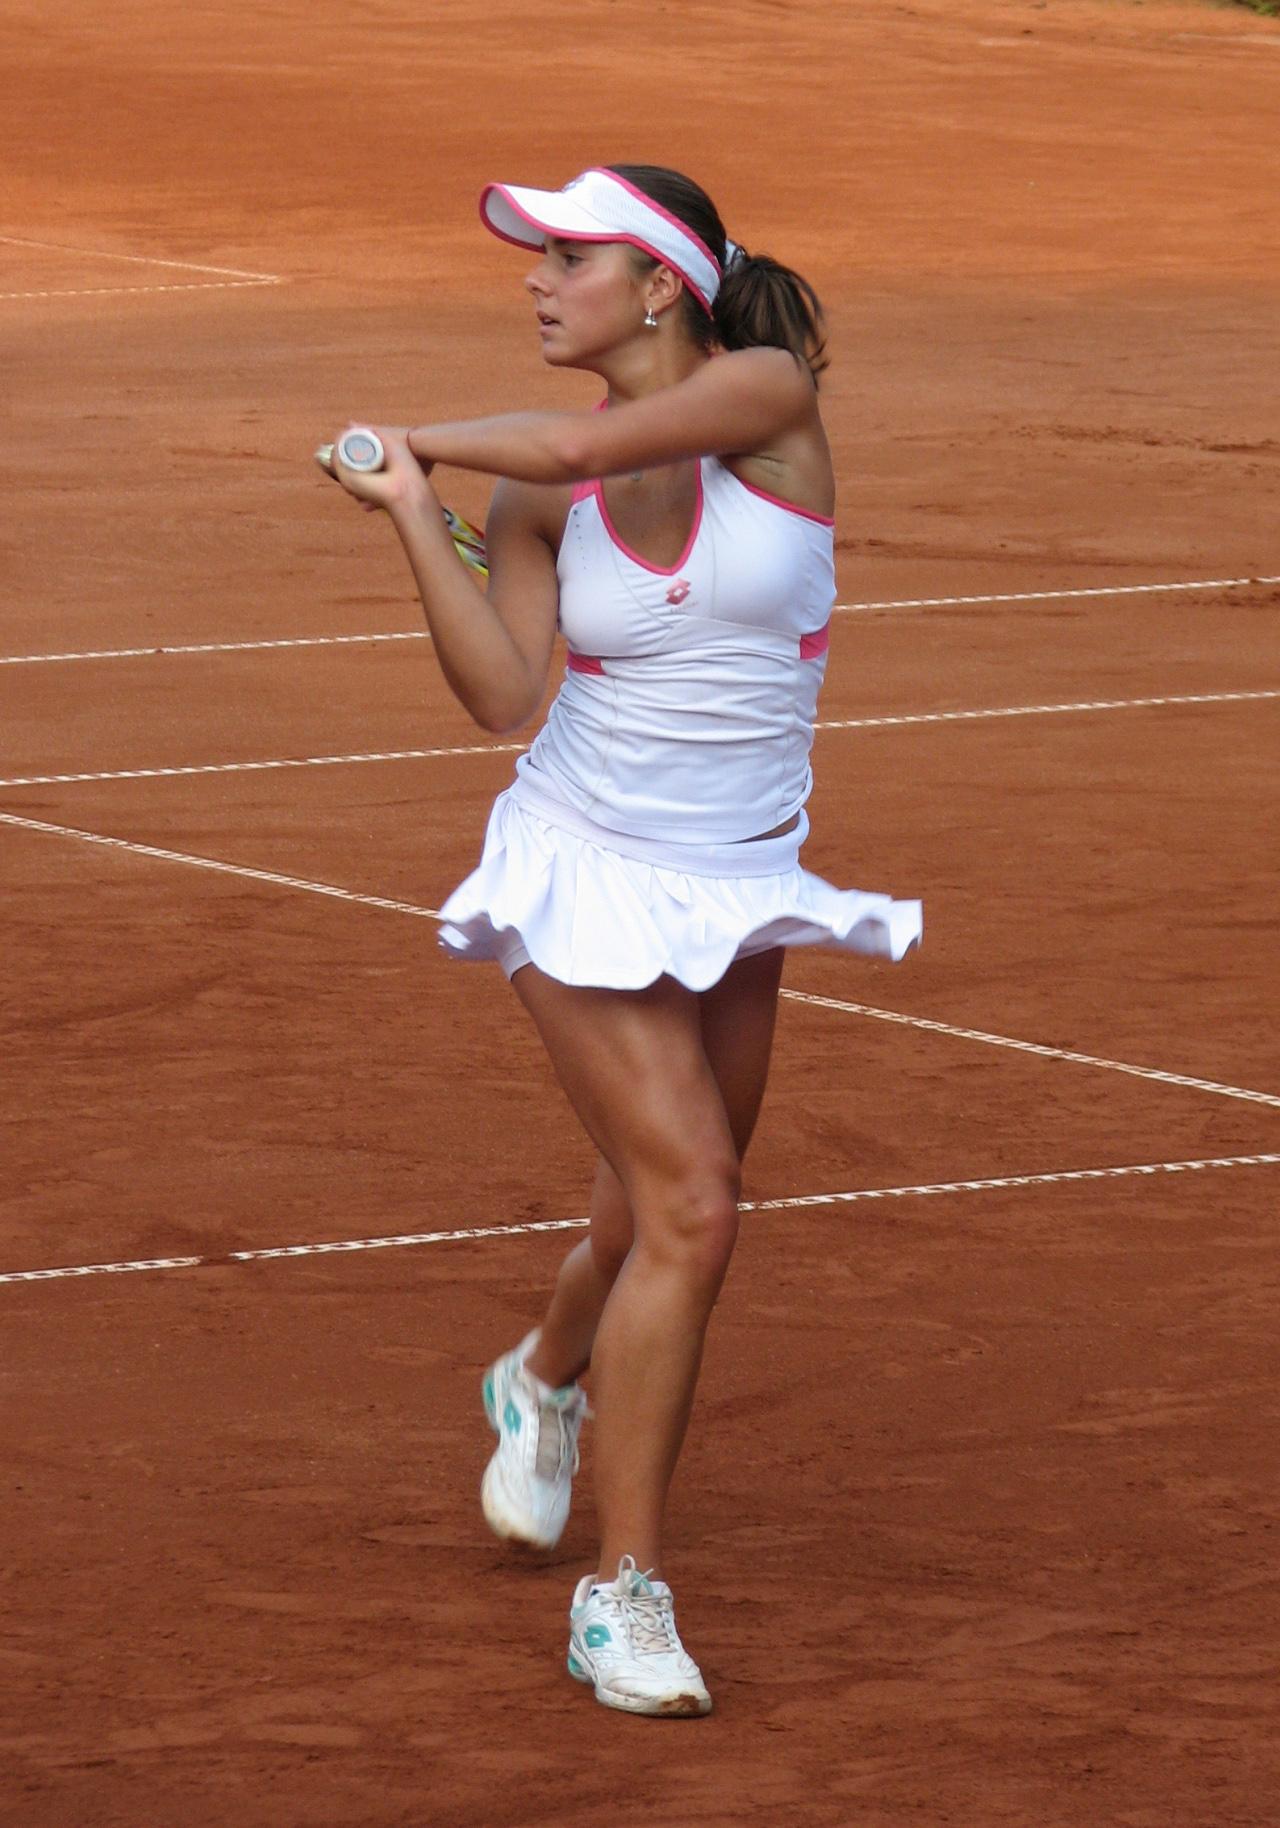 Viktoriya Tomova